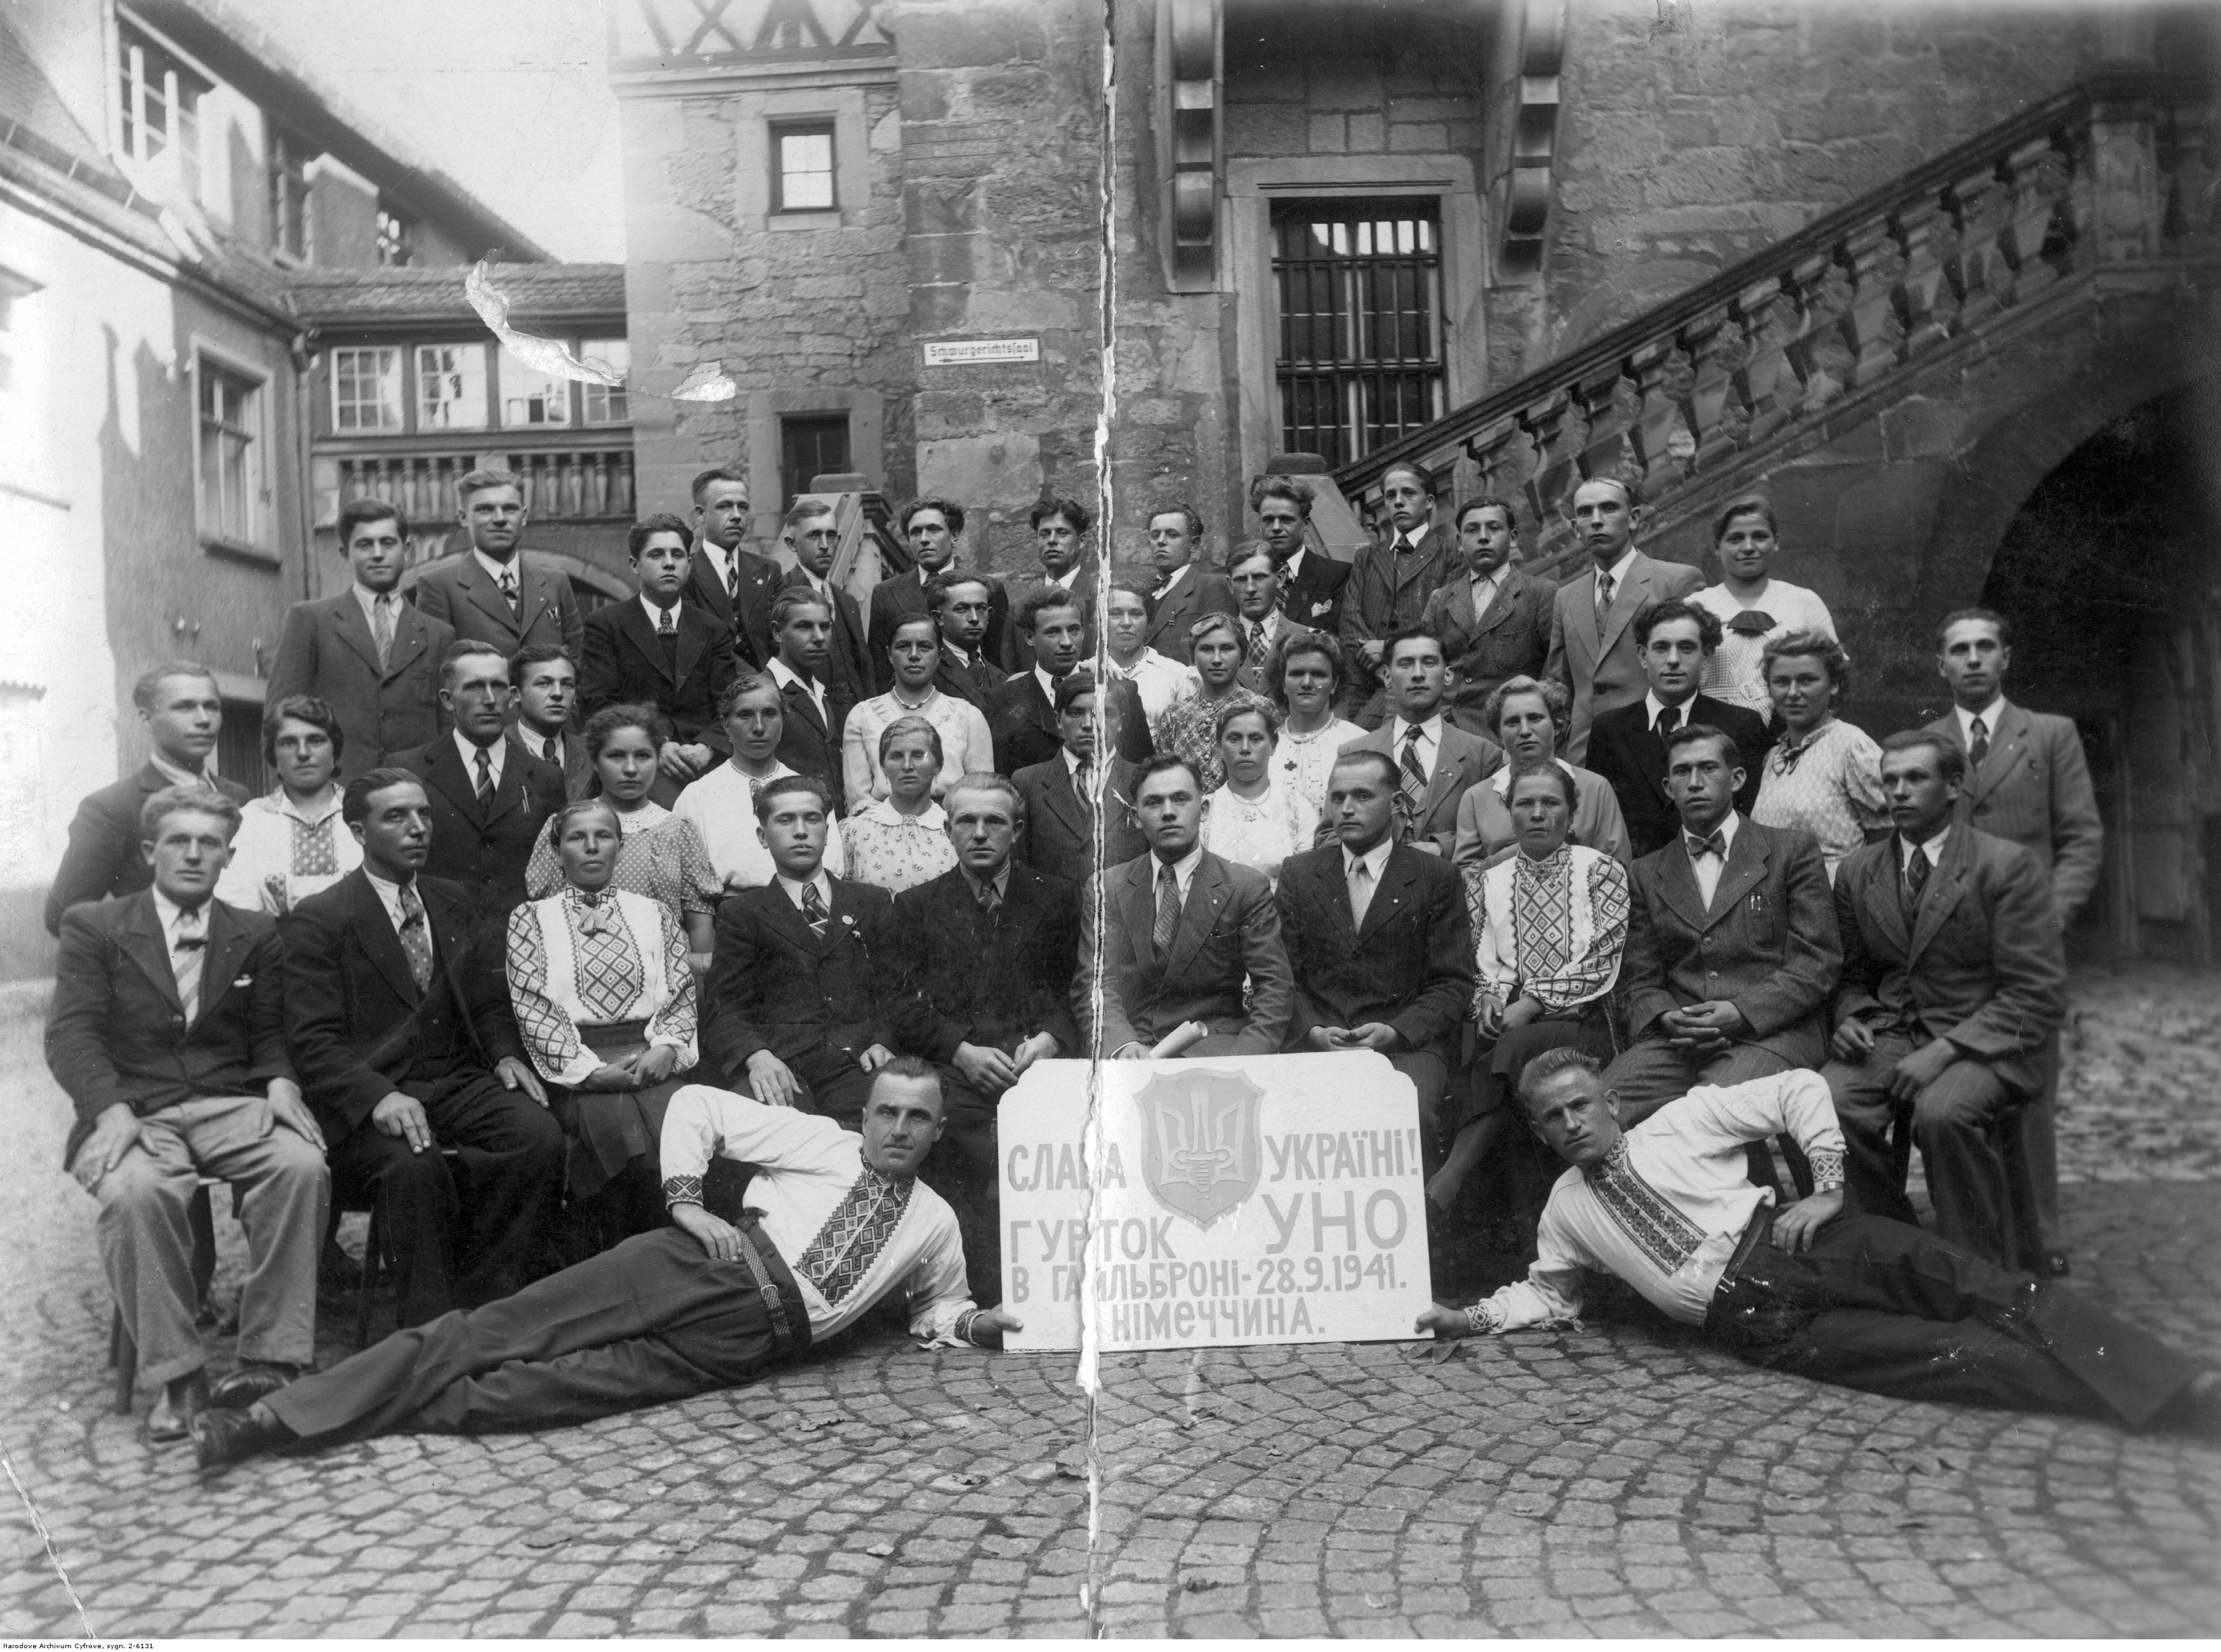 1941. Хейльбронн. Активисты Украинского национального союза (УНС). 28.09